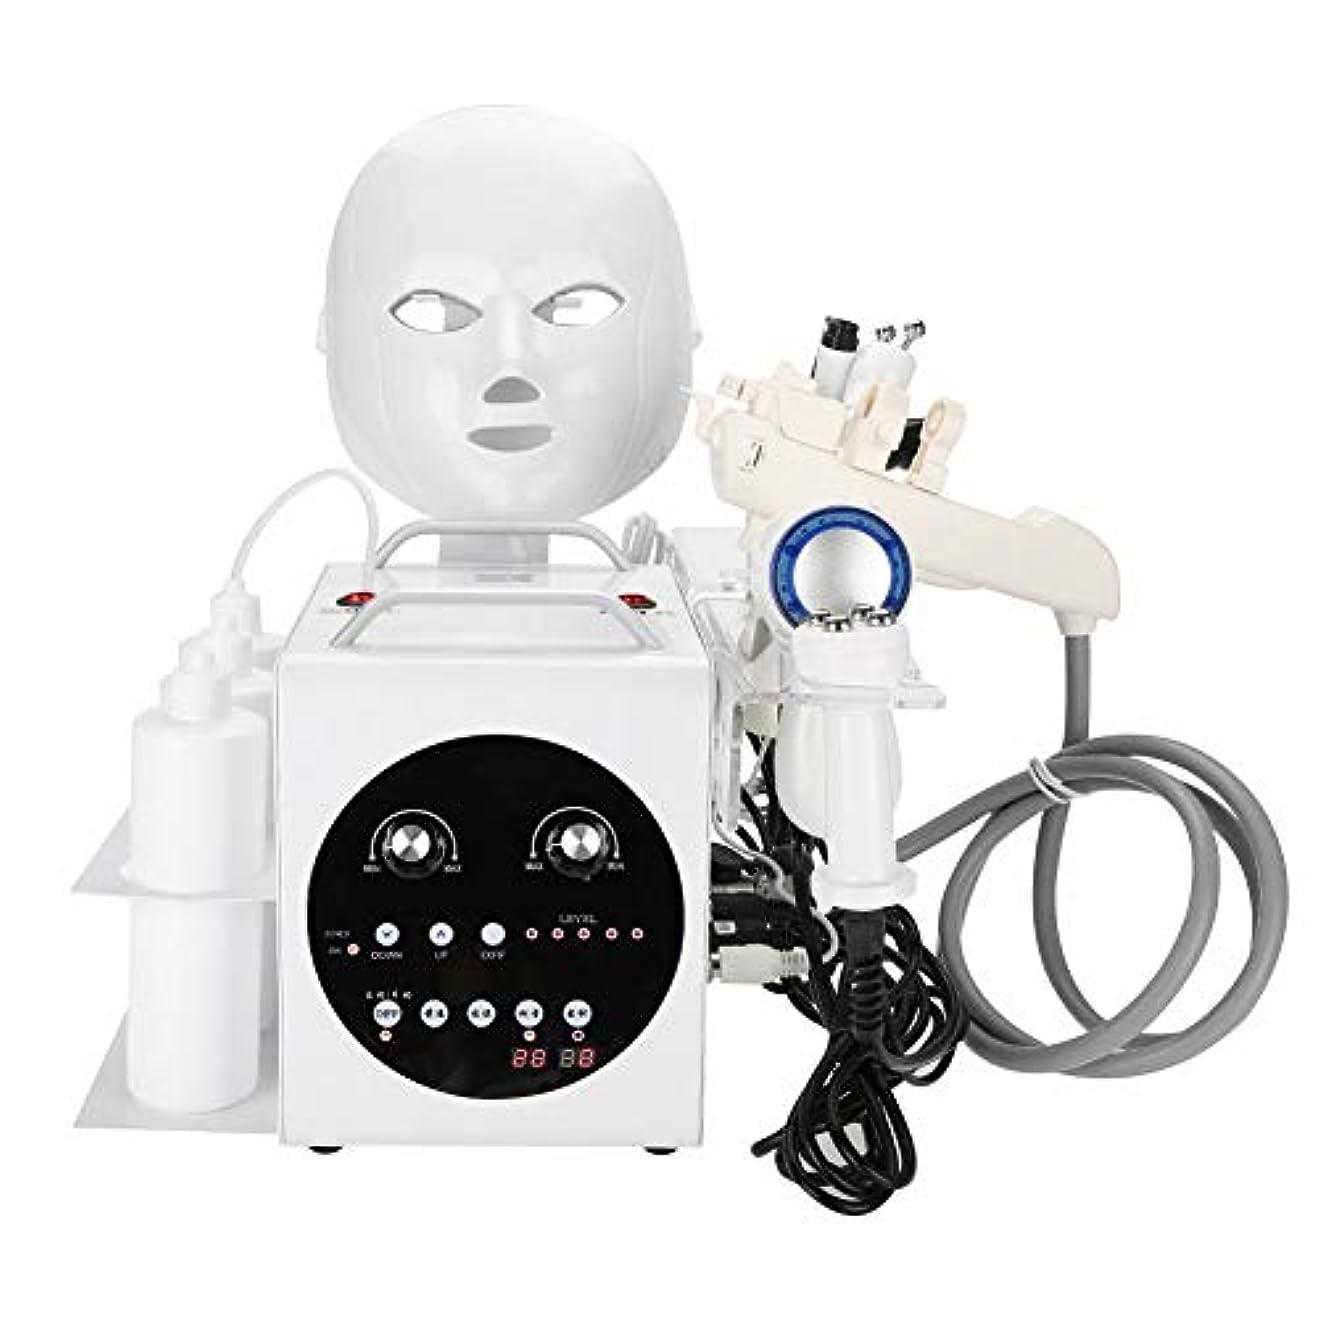 クローゼット不公平試用9黒毛のしわの除去、肌の引き締め、美白、肌の若返り、ホームサロンの使用のためのケアの超音波真空RF機械をきつく締める1つの酸素のジェット機に付き9つ(110-240V)